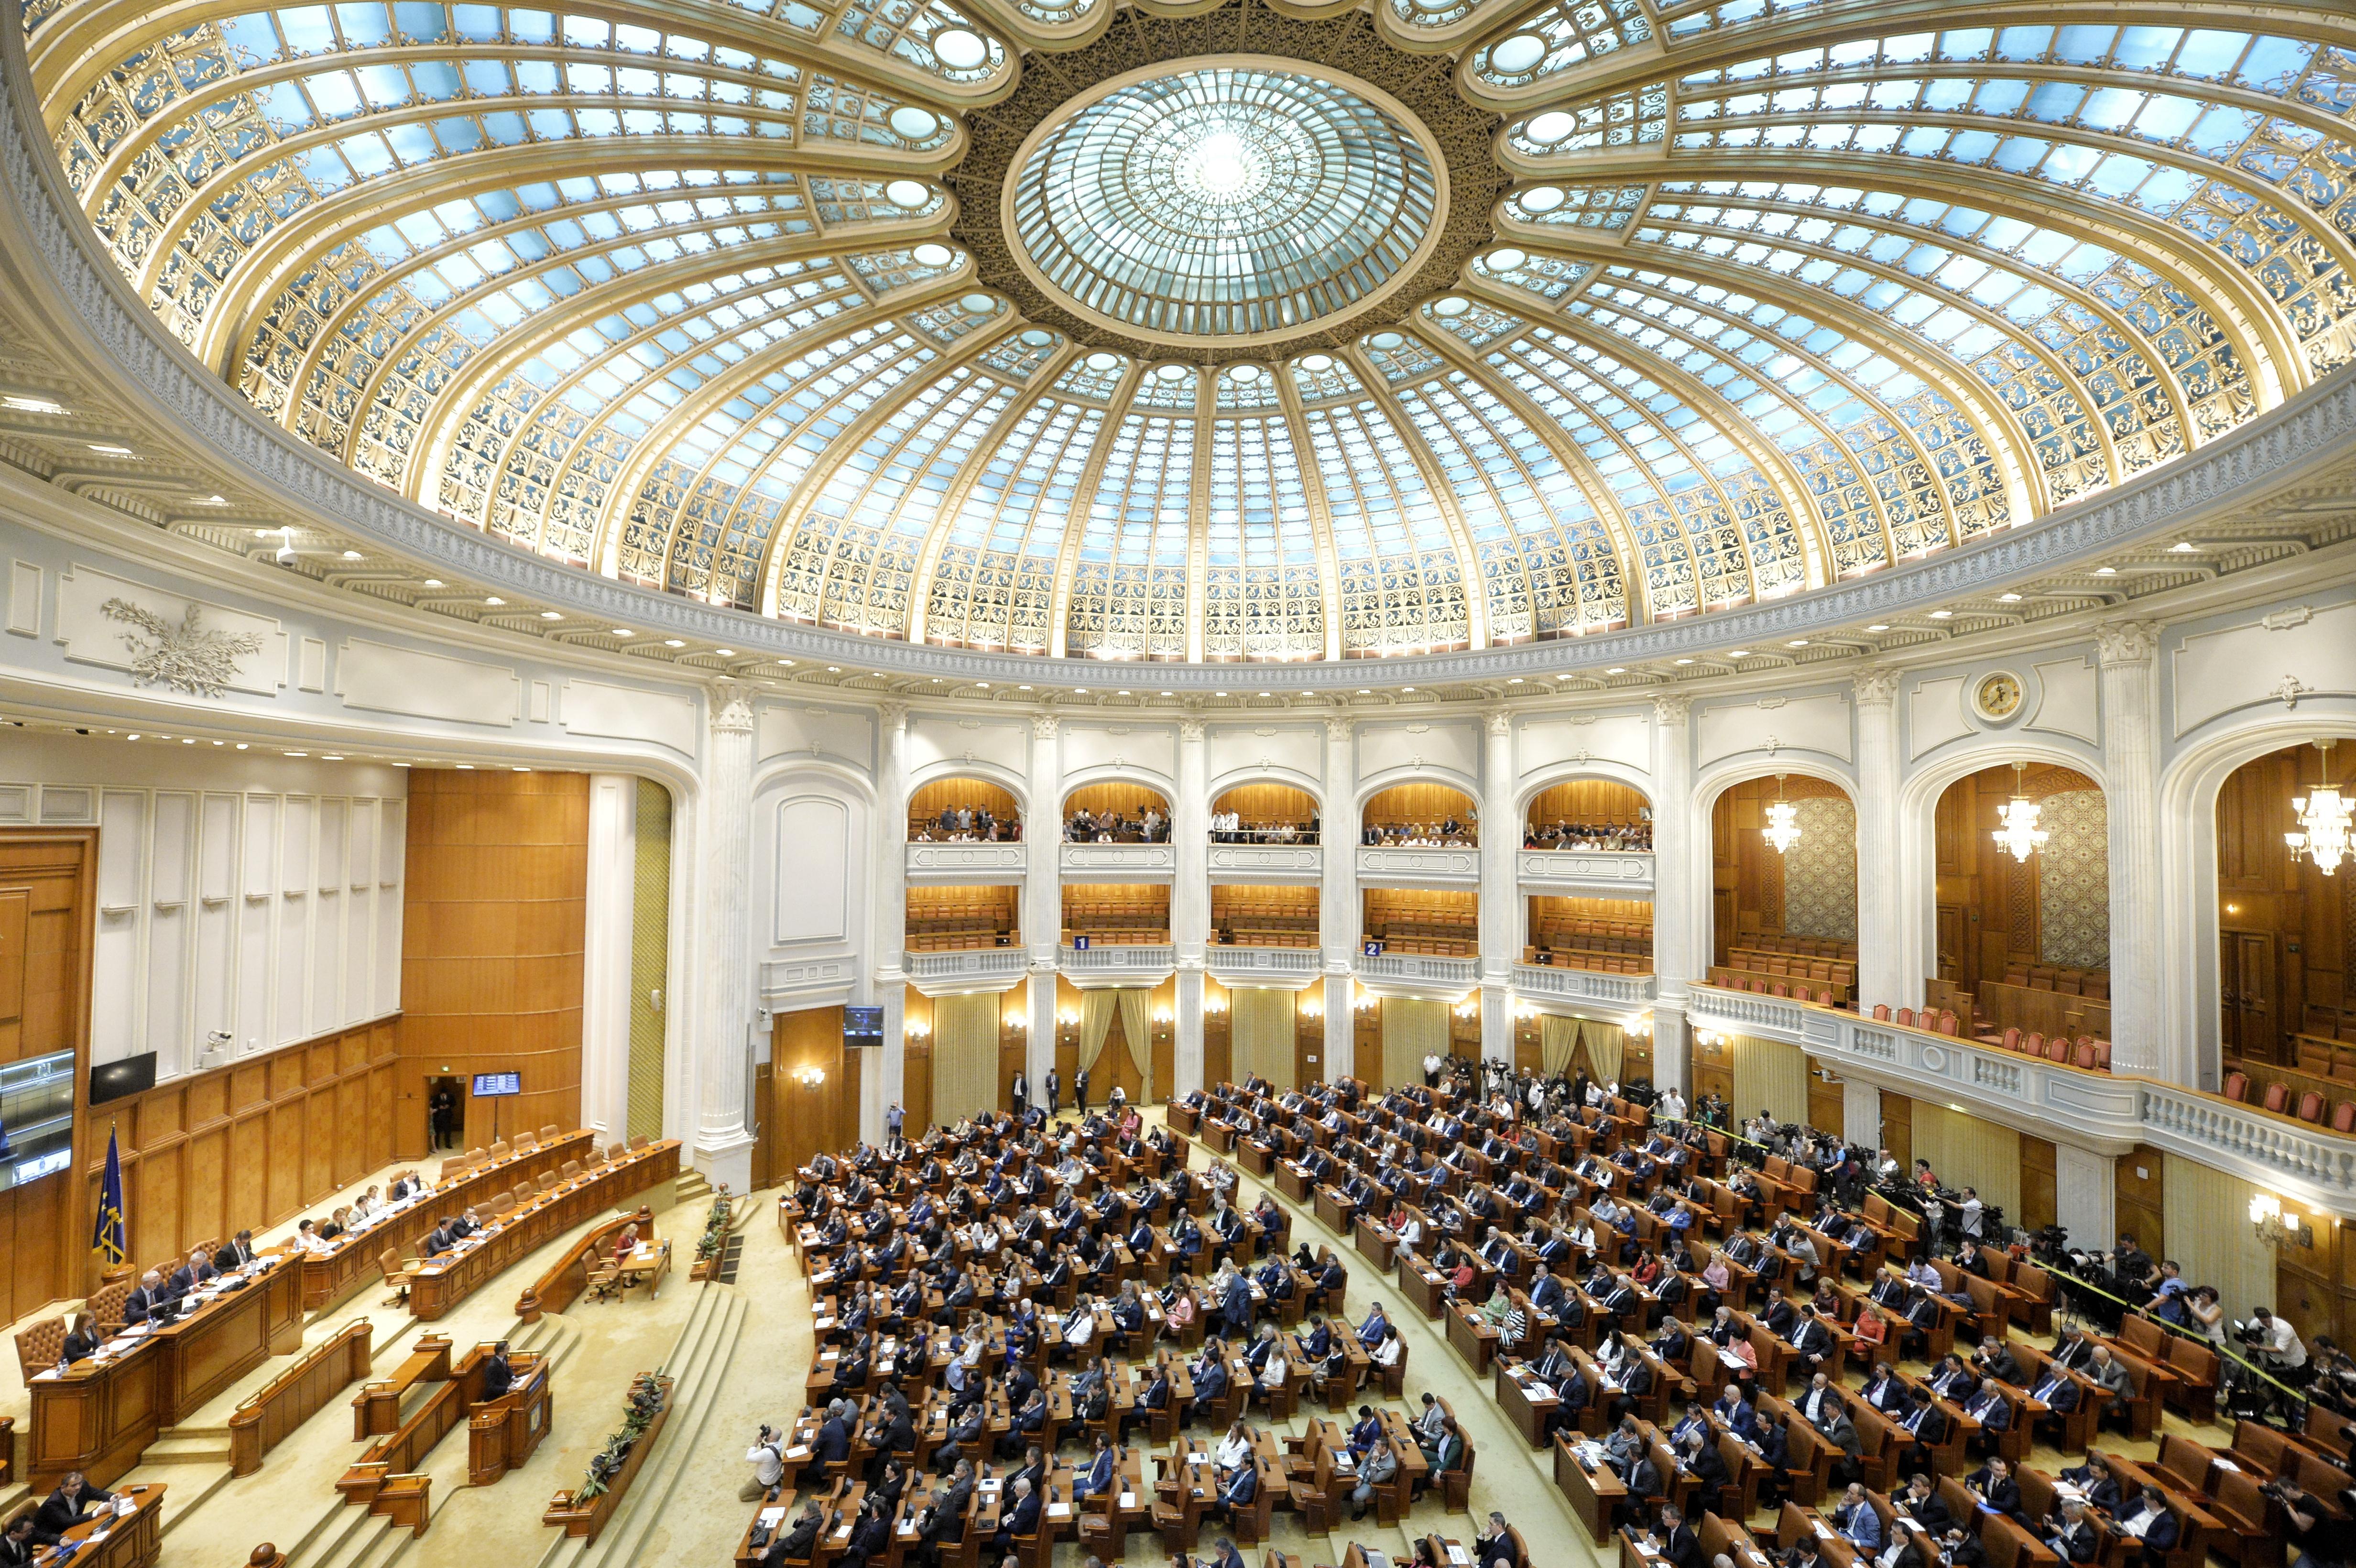 Plenul reunit al Parlamentului dezbate proiectul de lege privind bugetul de stat pentru anul 2018/ Sindicatele din învăţământ atrag atenţia asupra subfinanţării Educaţiei